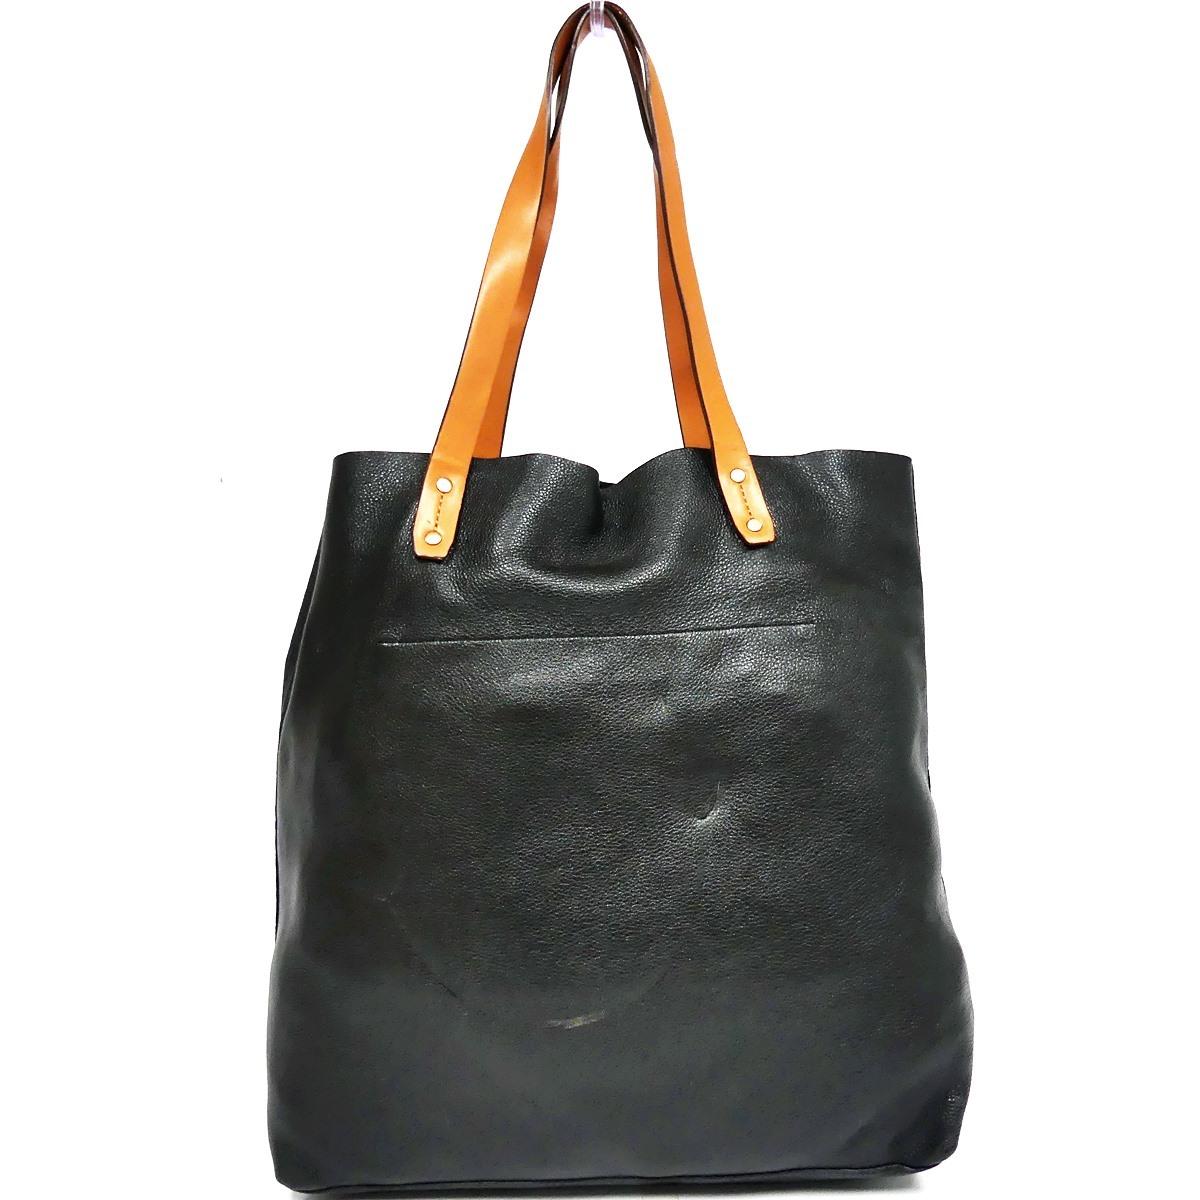 即決★GAP★オールレザートートバッグ ギャップ メンズ 黒 本革 ハンドバッグ 本皮 かばん 通勤 トラベル 出張 手提げバッグ 鞄 レディース_画像3